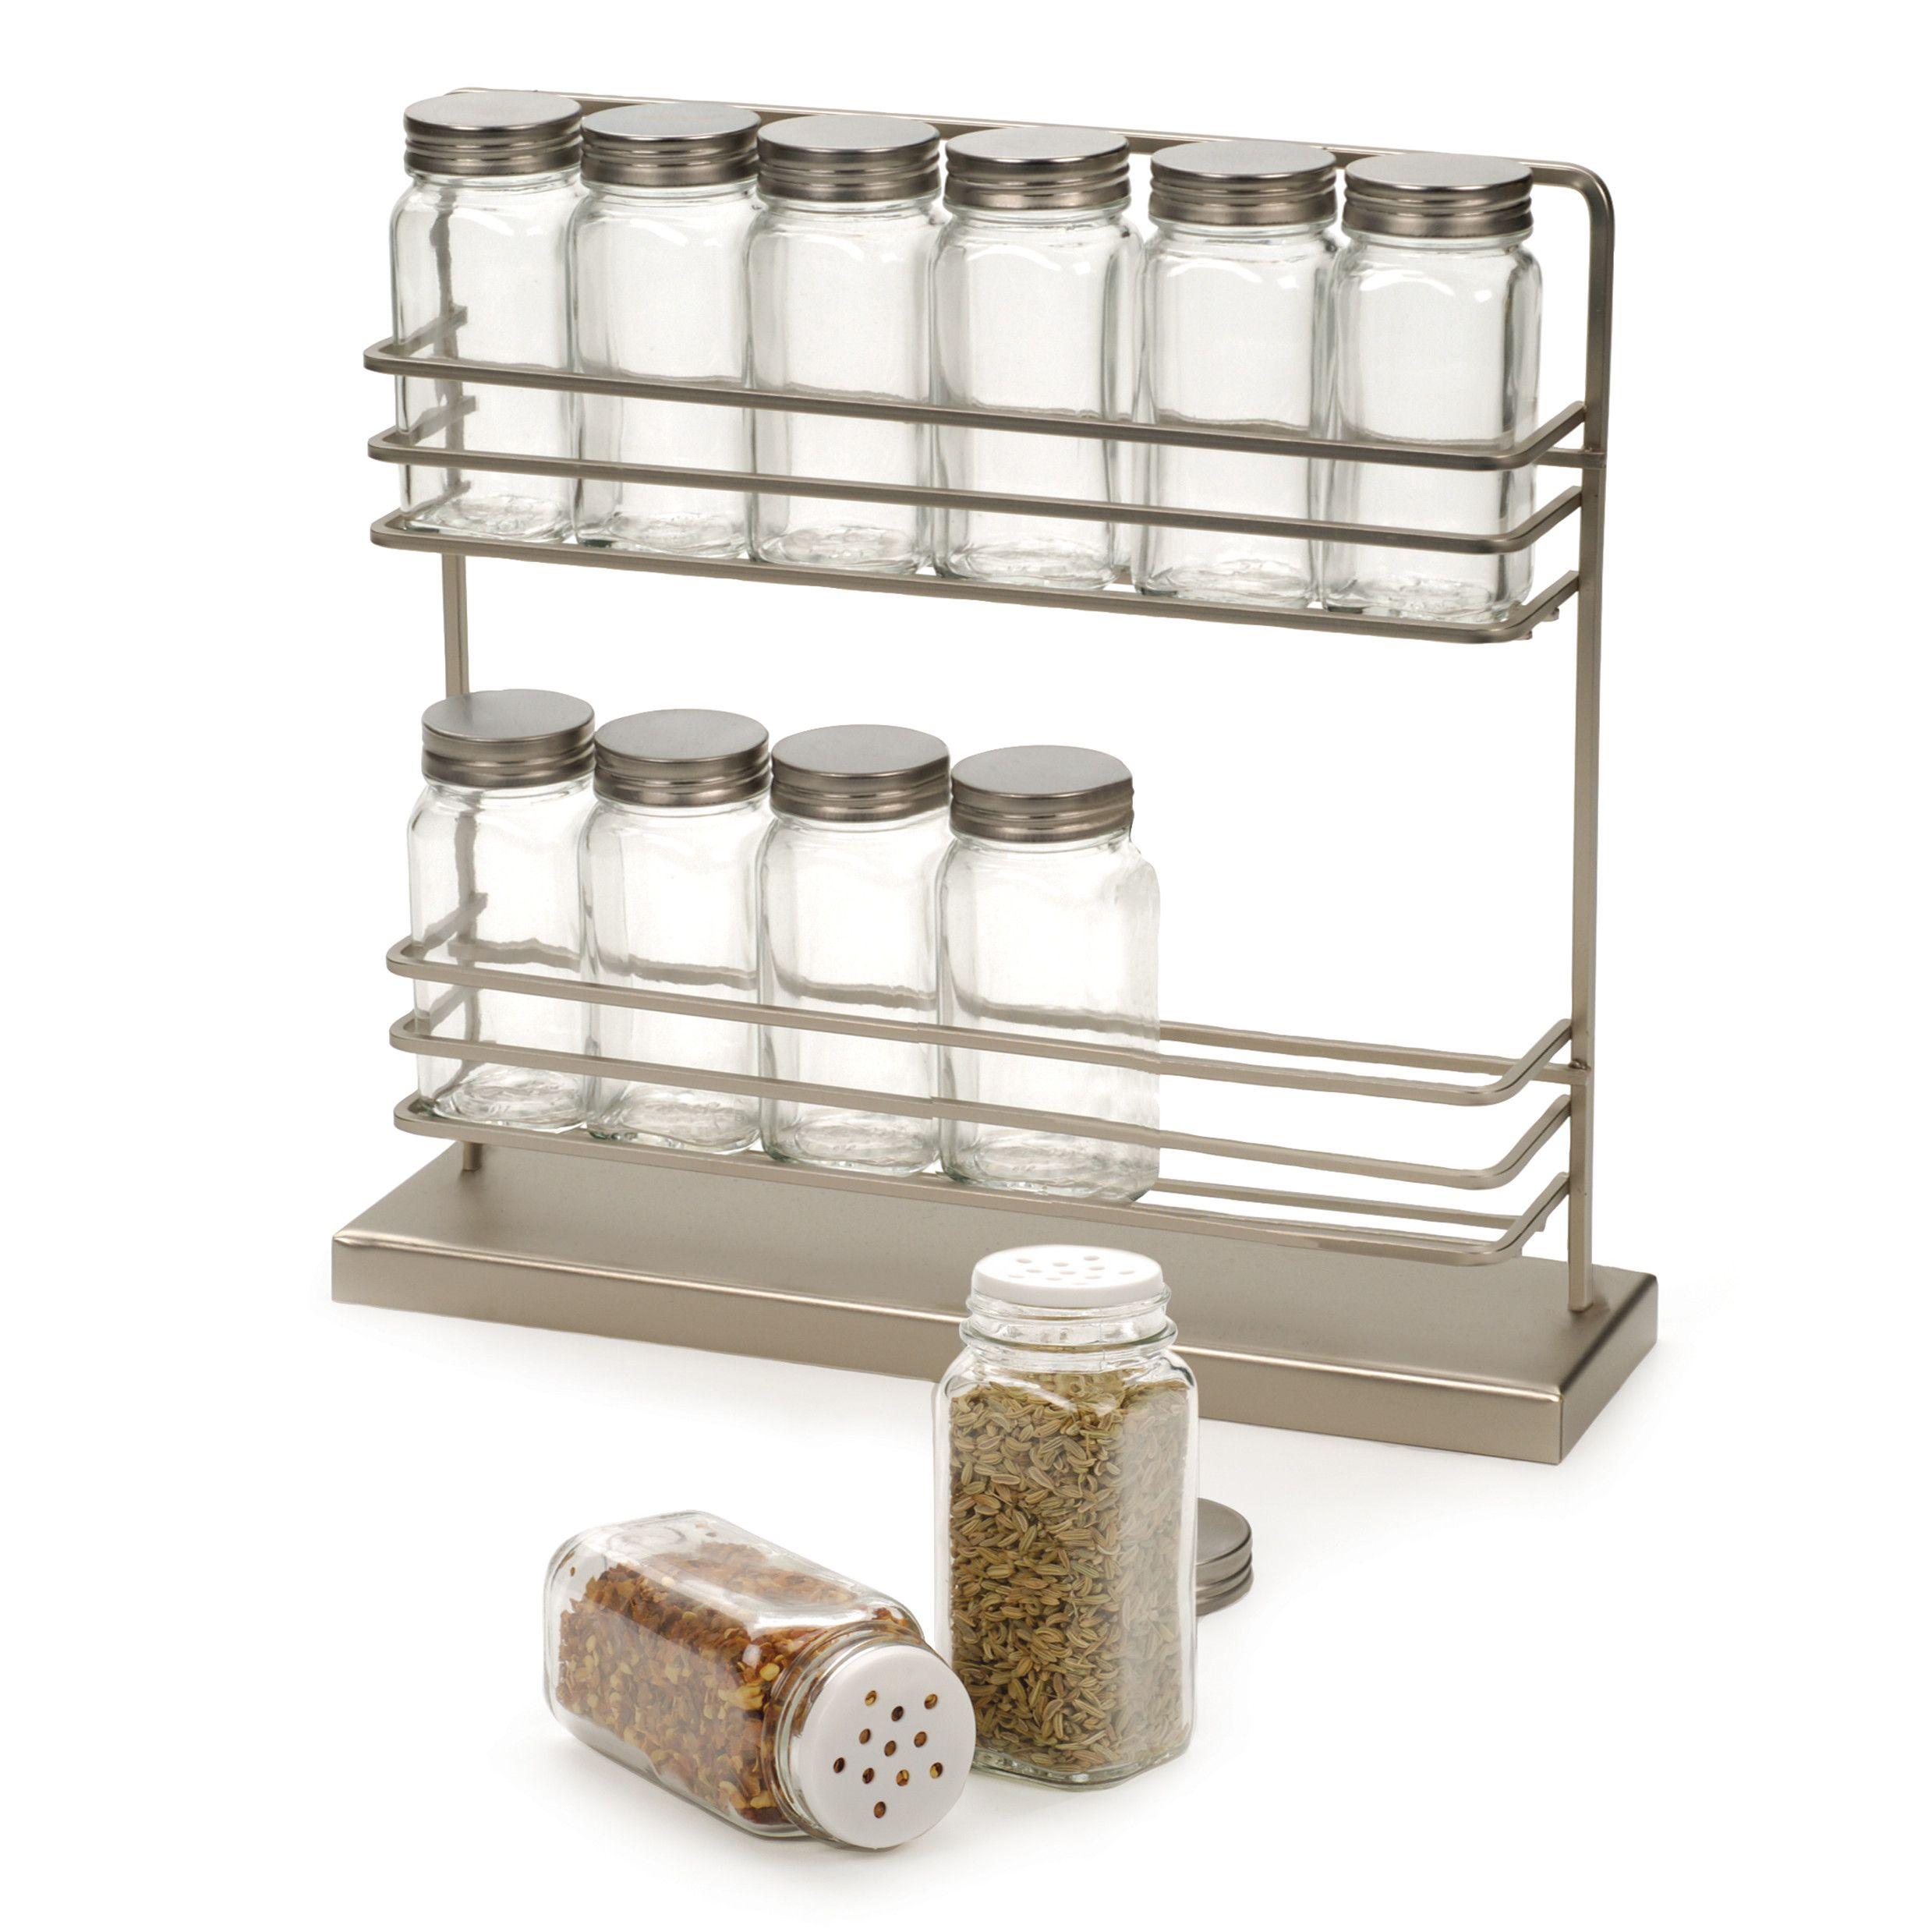 Rsvp Intl 13 Piece 2 Tier Counter Spice Rack Set Countertop